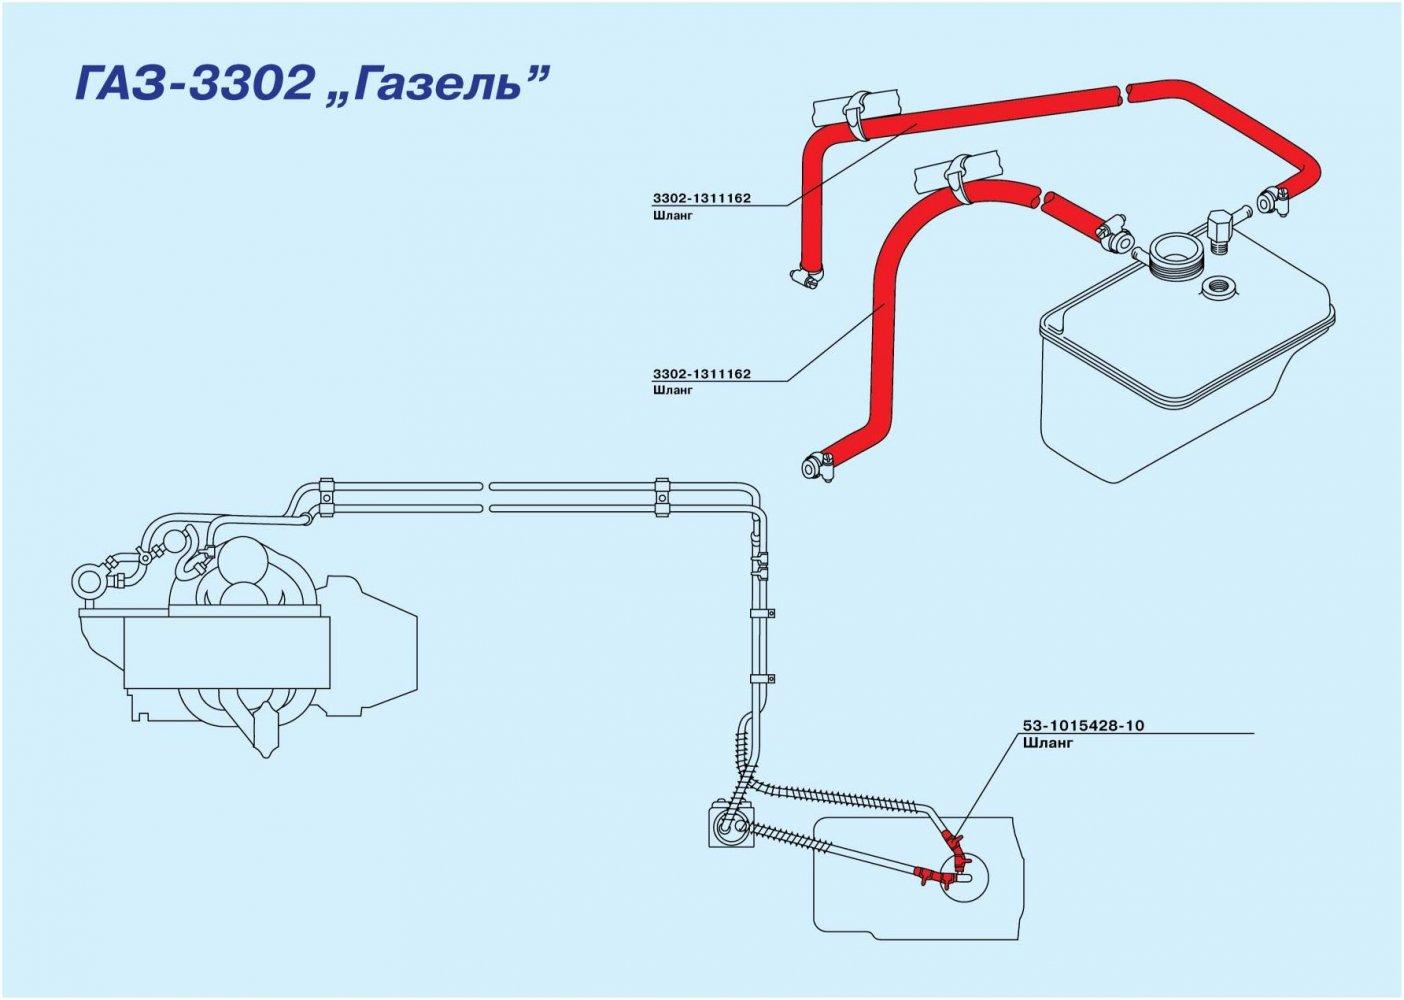 Тормозная система автомобилей Валдай ГАЗ-3310, ГАЗ 85